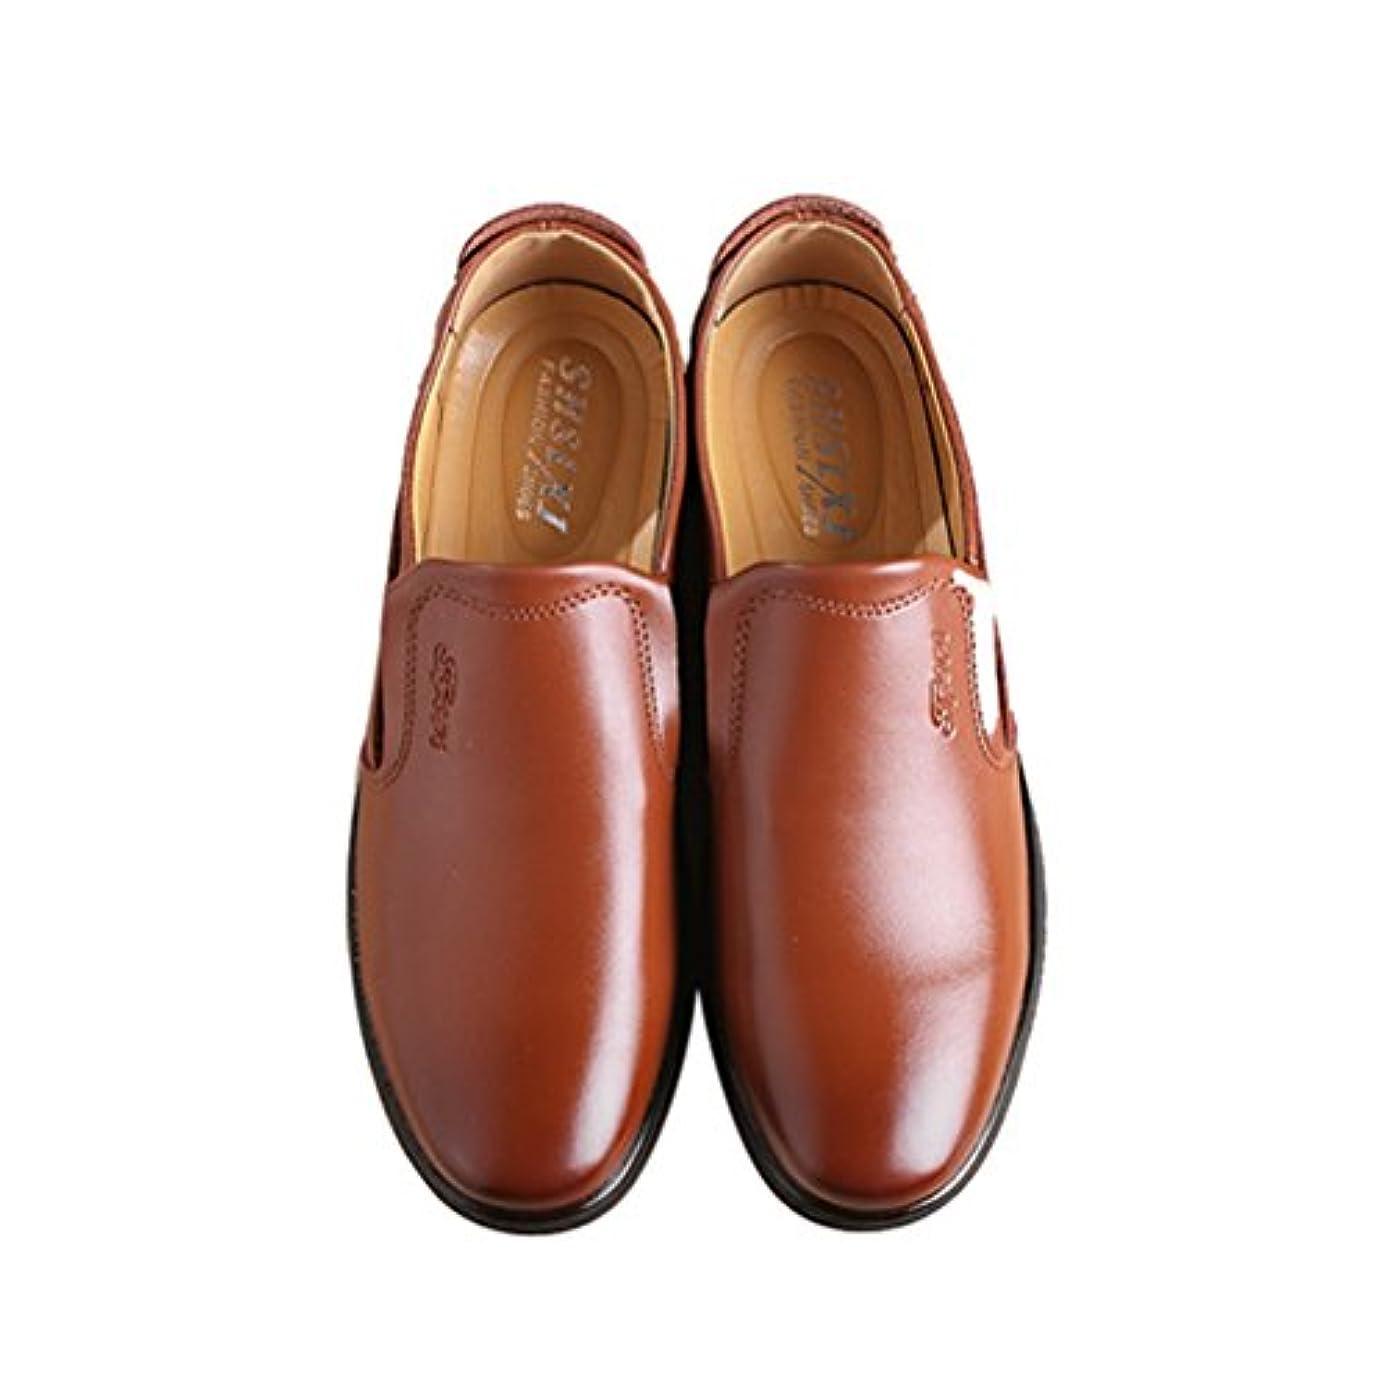 機械的遠近法宮殿ビジネスシューズ 歩きやすい ロングレッグシューズ メンズ シューズ プレーントゥ ストラップ 靴 PU革靴 撥水 「ムリョ」